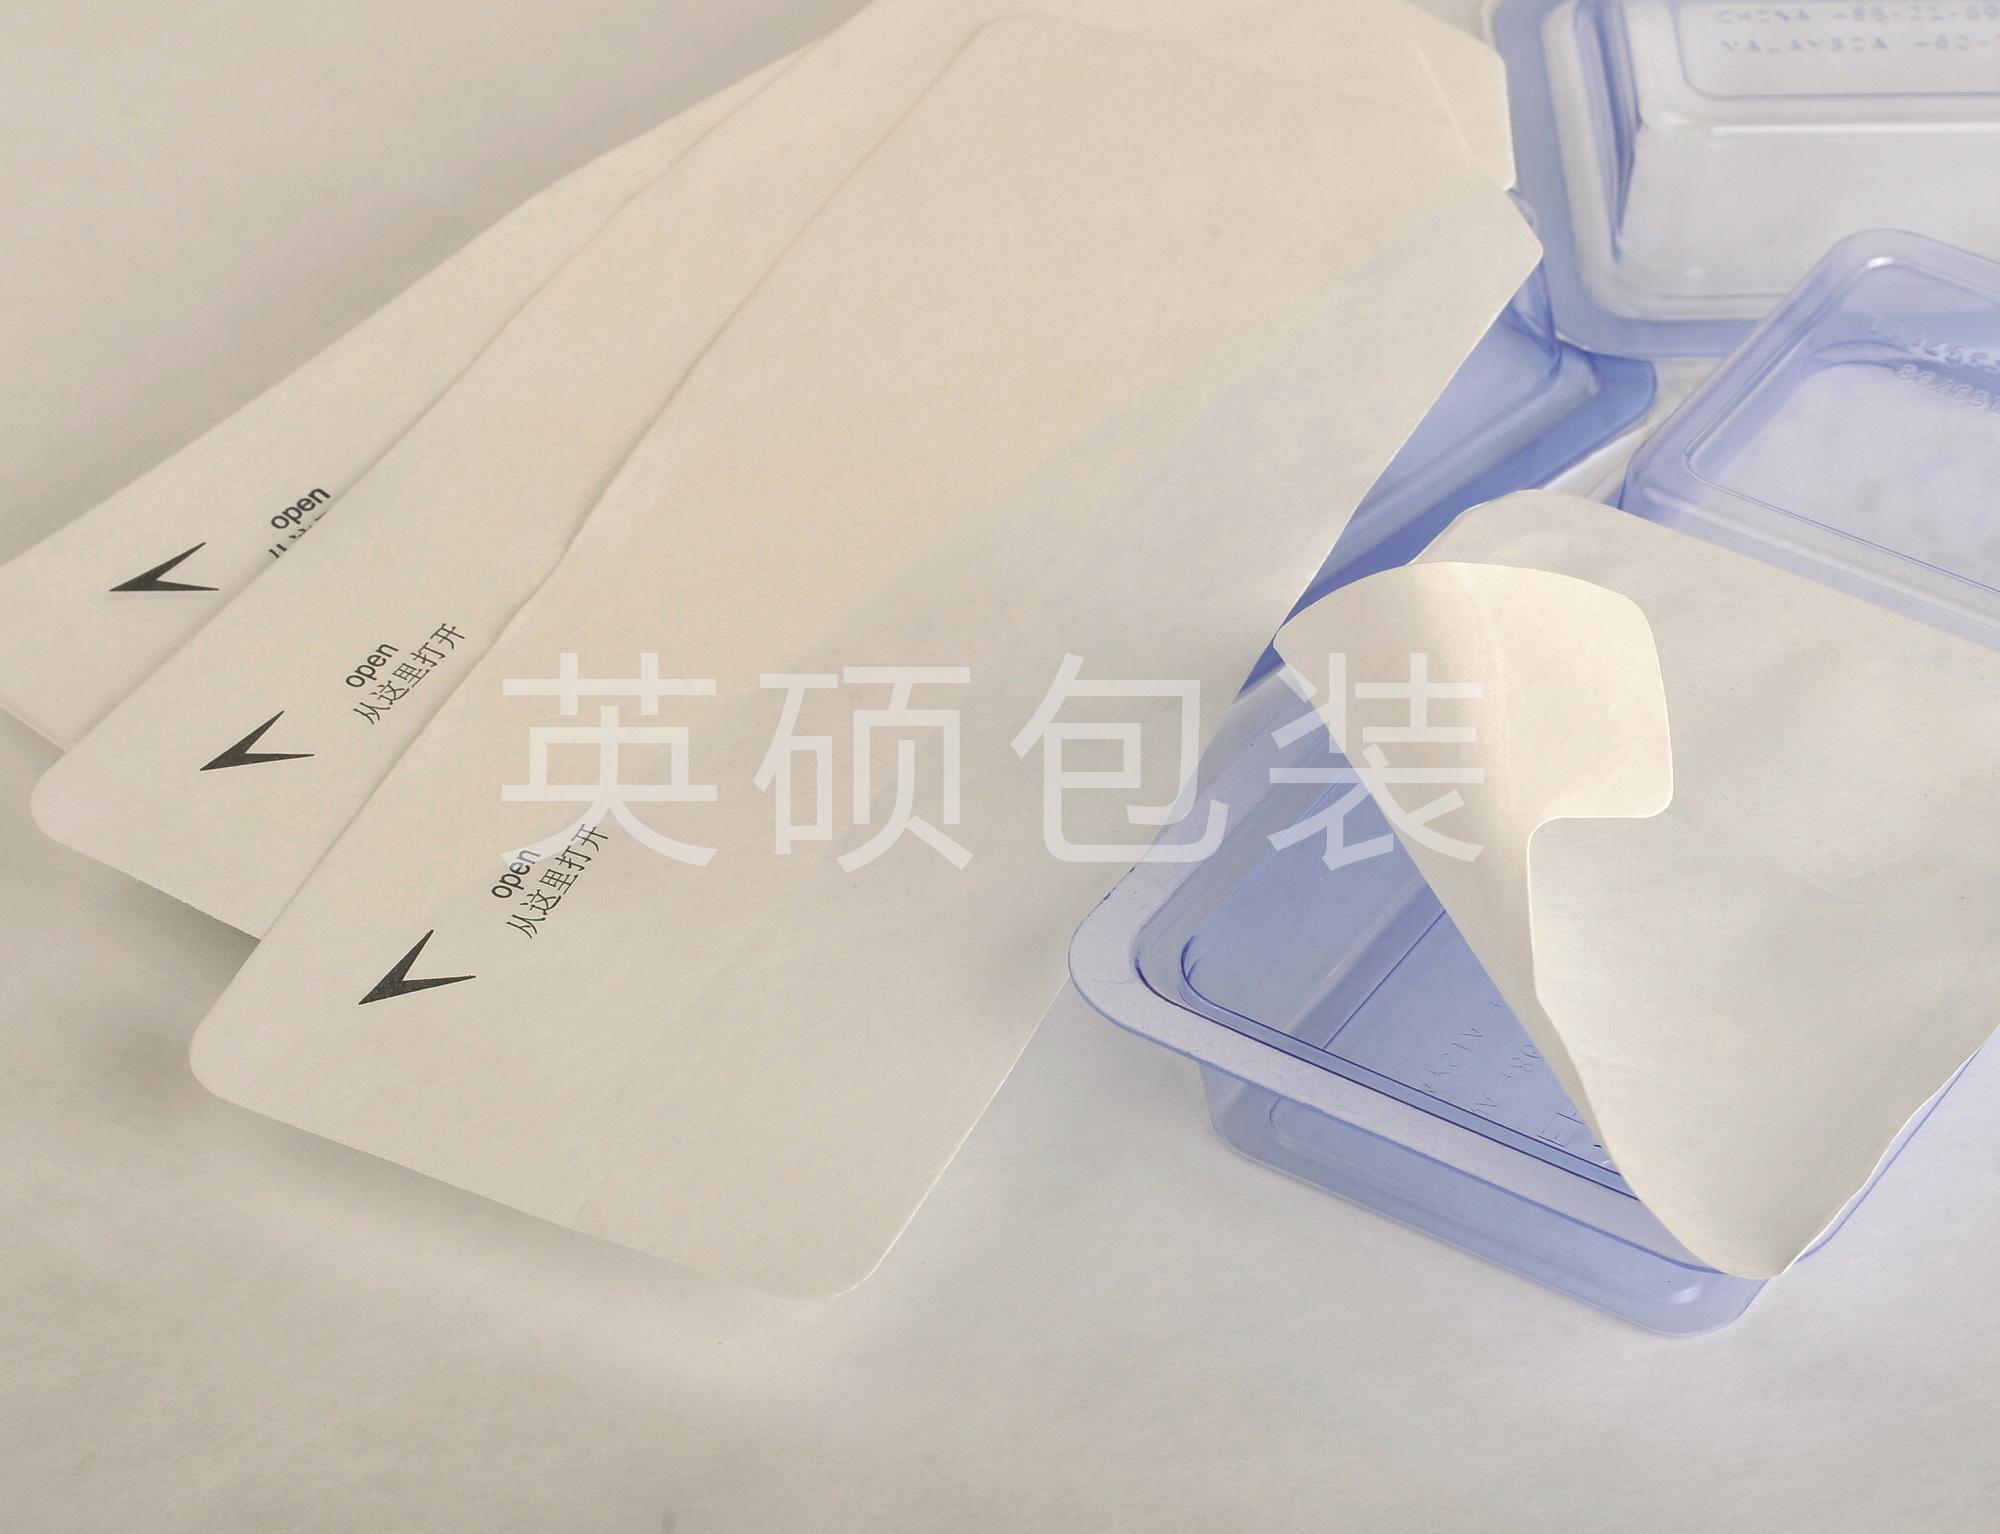 医用特卫强原材料的特性和适用范围